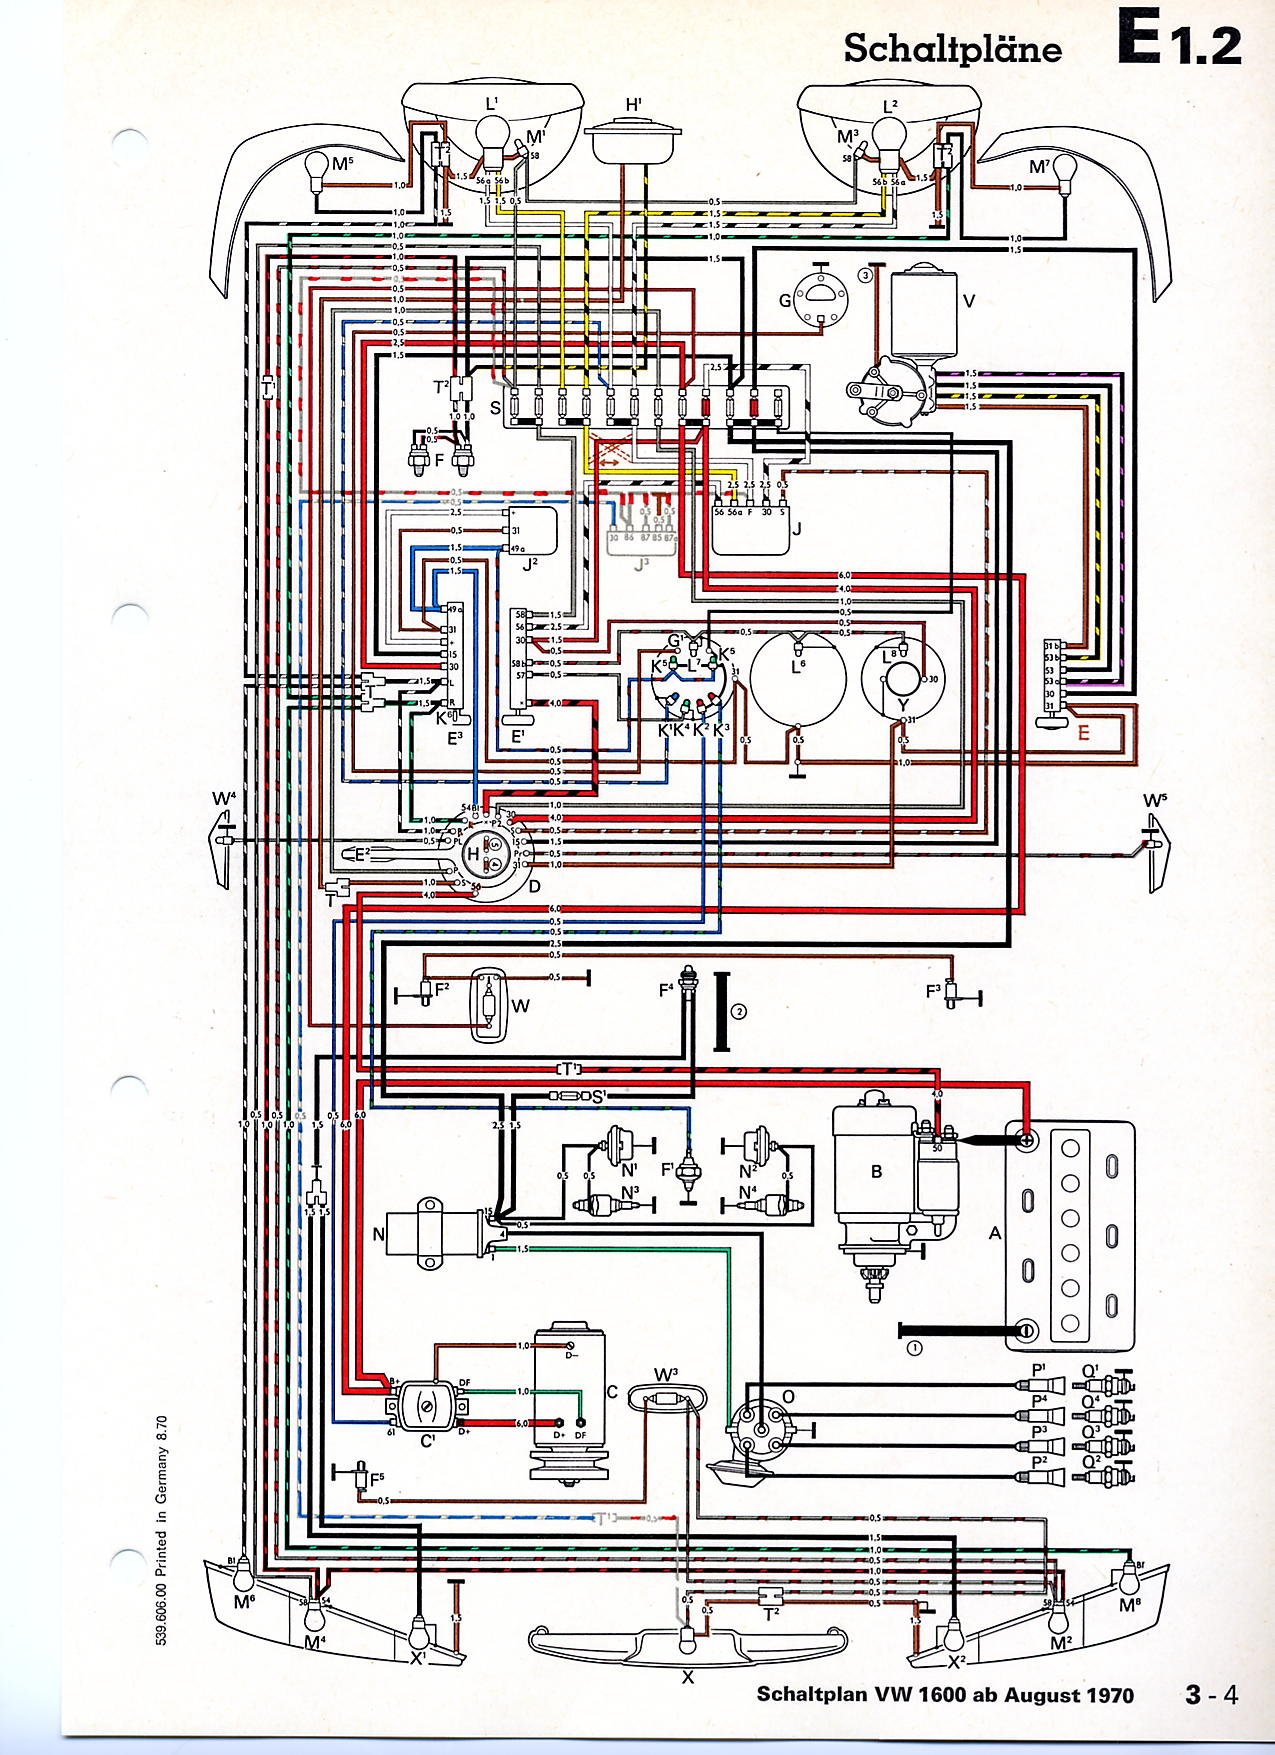 Großzügig Yamaha Banshee Schaltplan Bilder - Die Besten Elektrischen ...